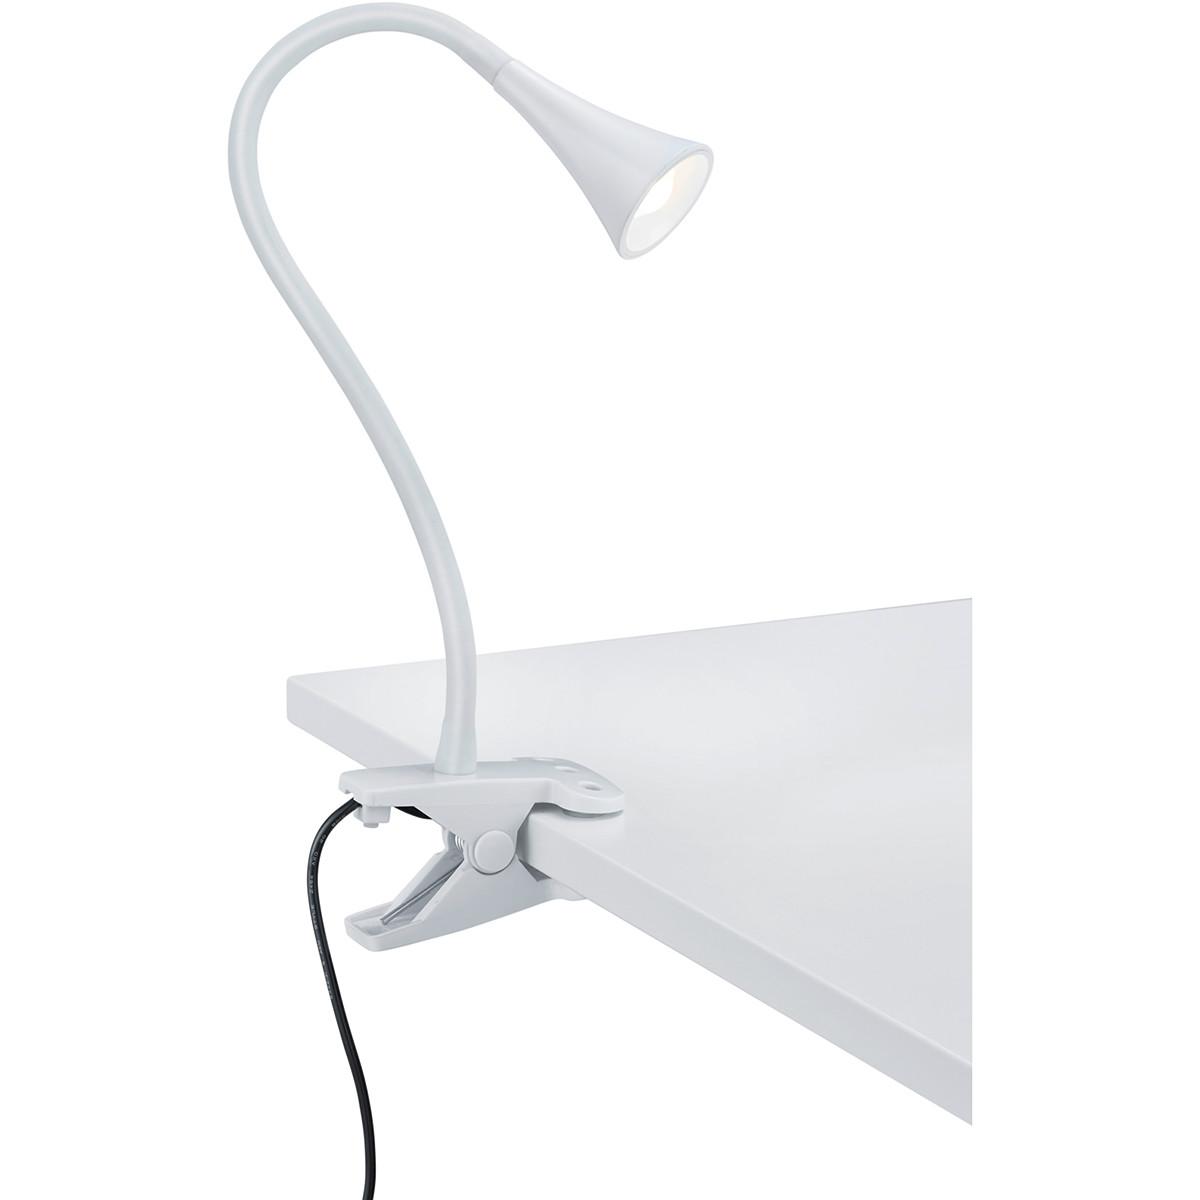 LED Klemlamp - Trion Vipa - 3W - Warm Wit 3000K - Glans Wit - Kunststof